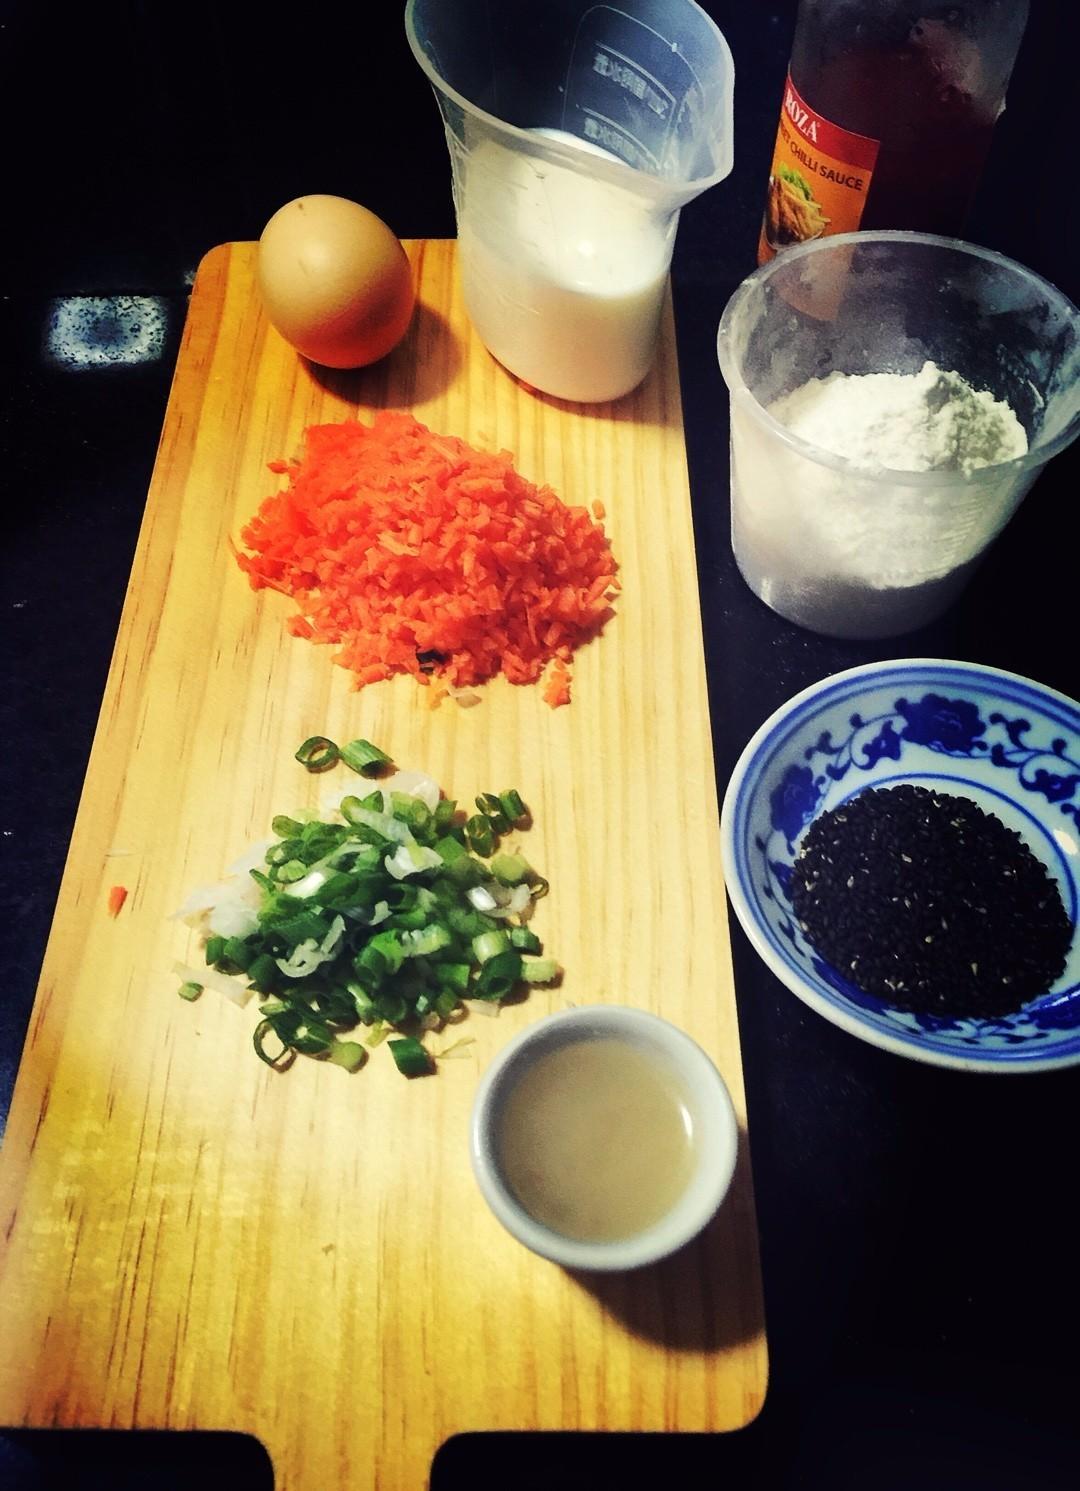 黑芝麻胡萝卜蛋卷:口感丰富超简单,快手早餐佳选!